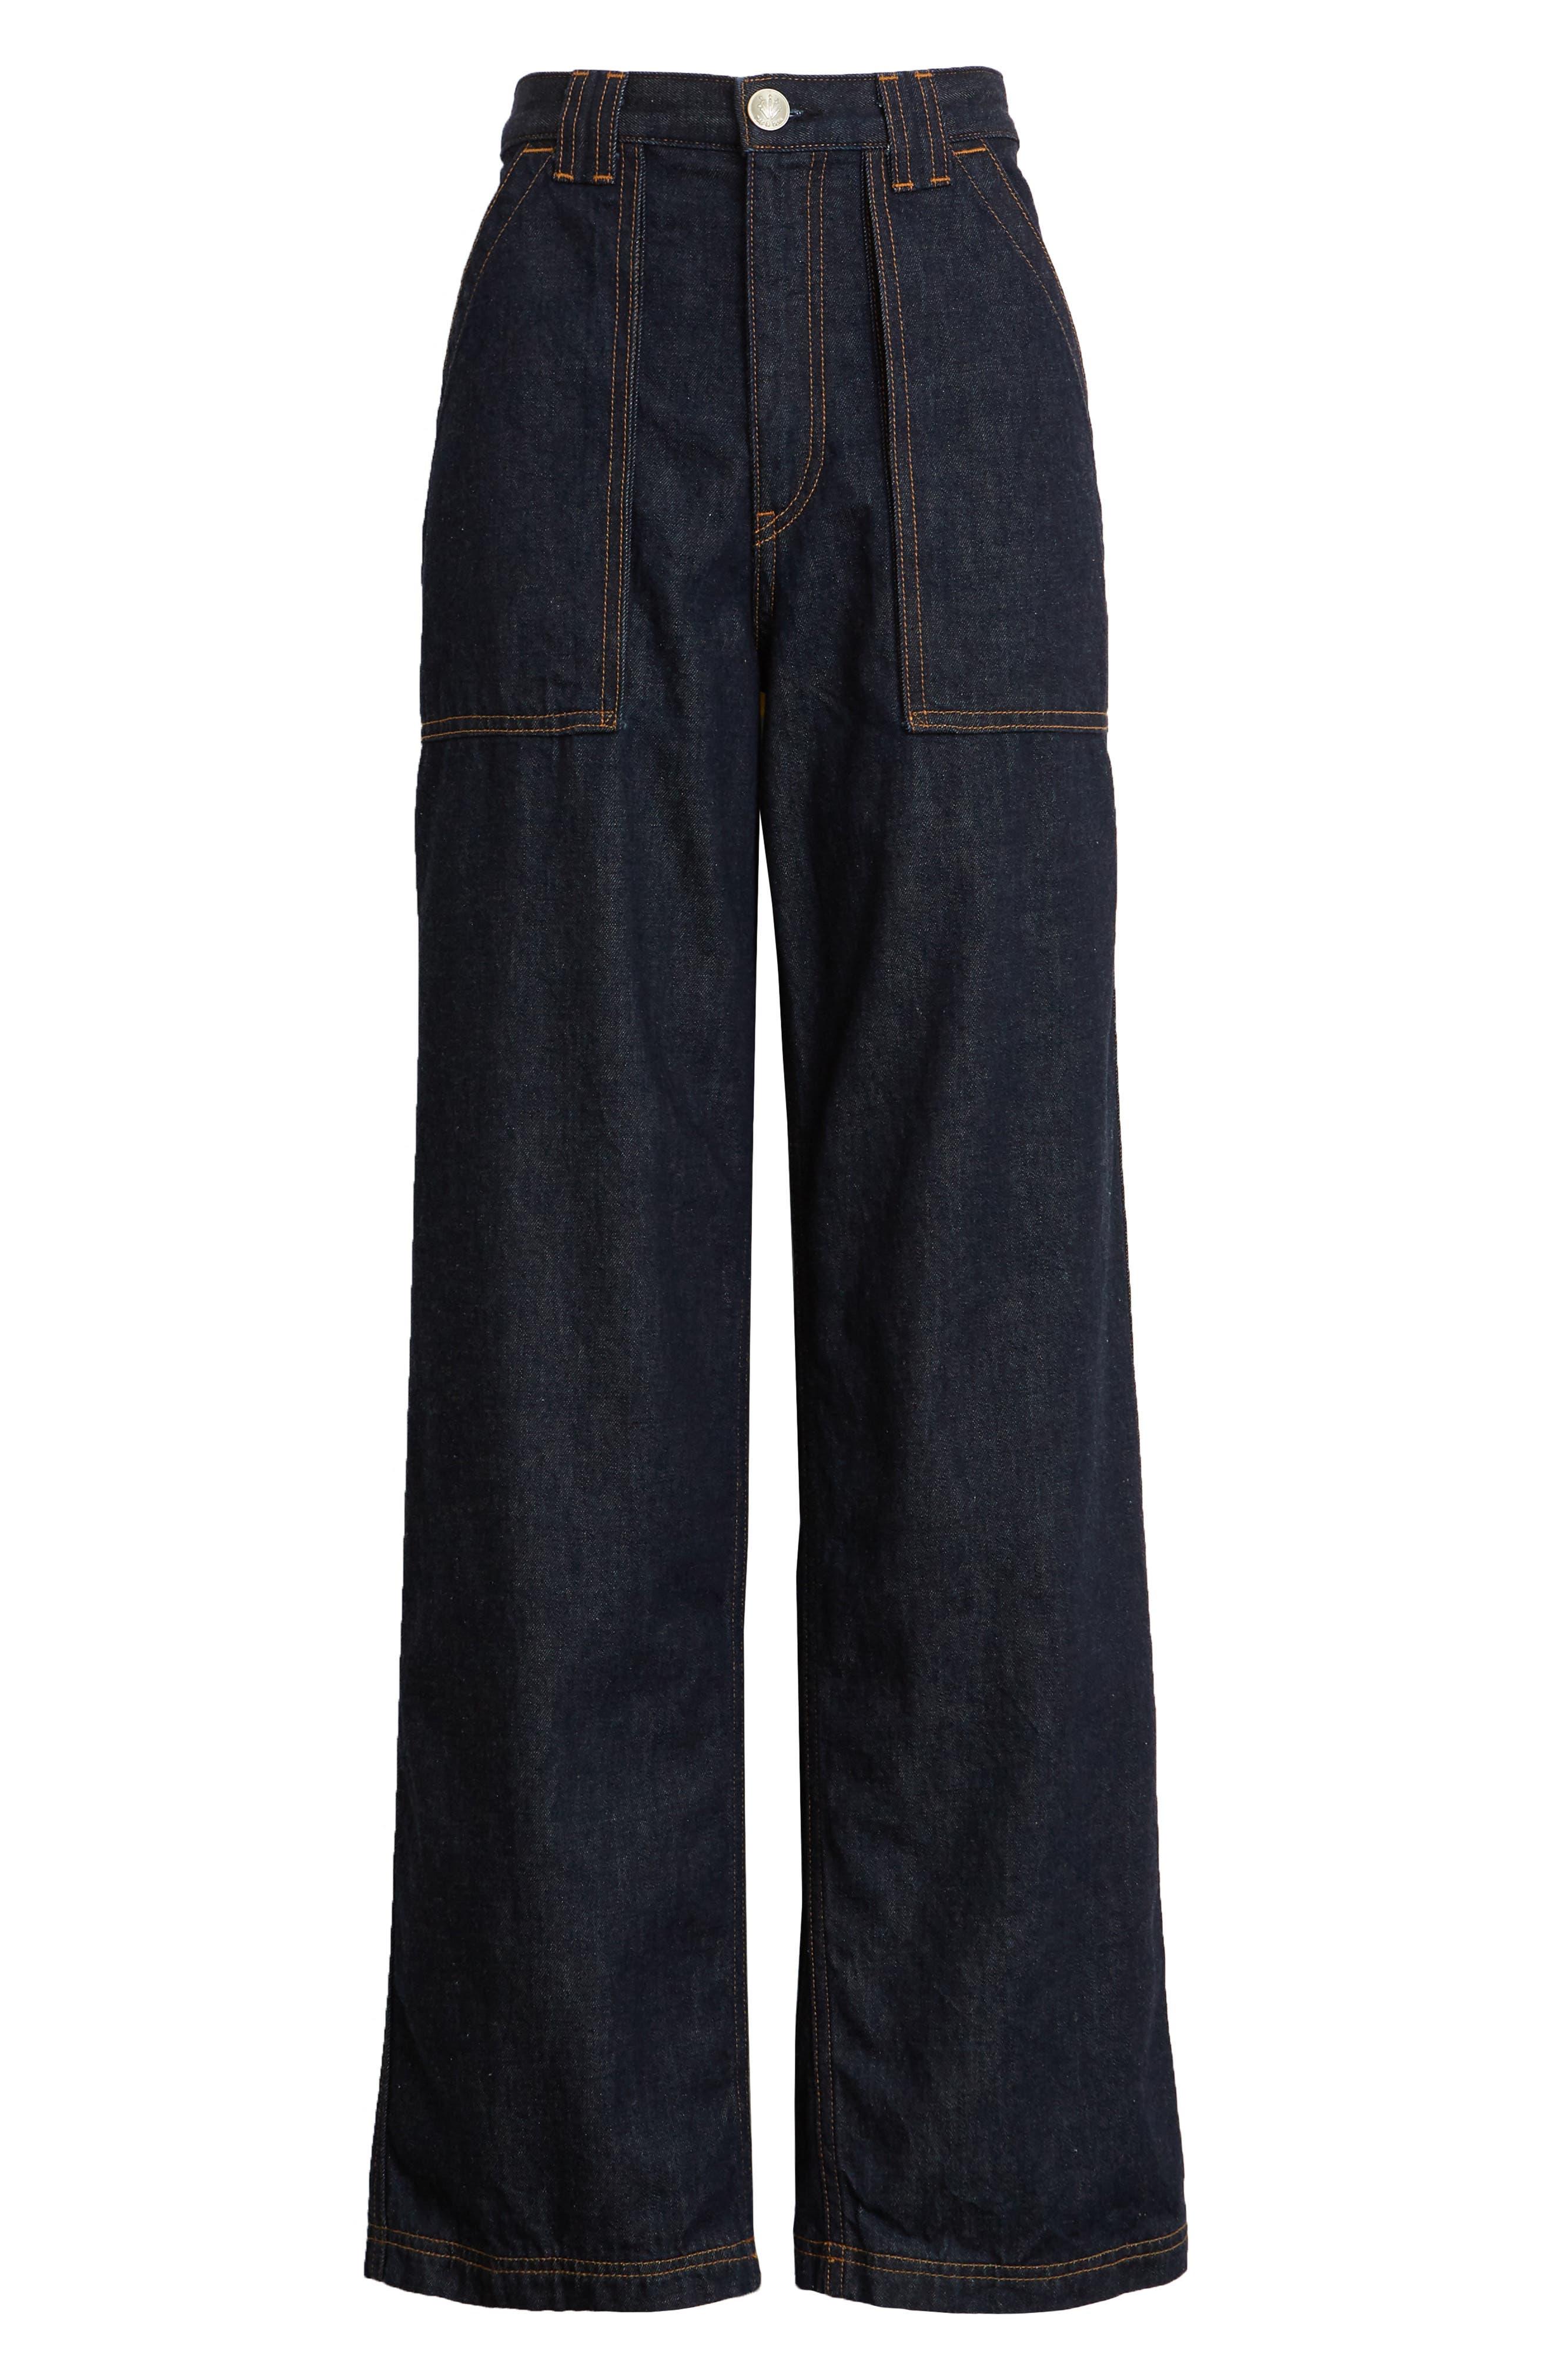 Image of Rag & Bone High Waist Skater Jeans